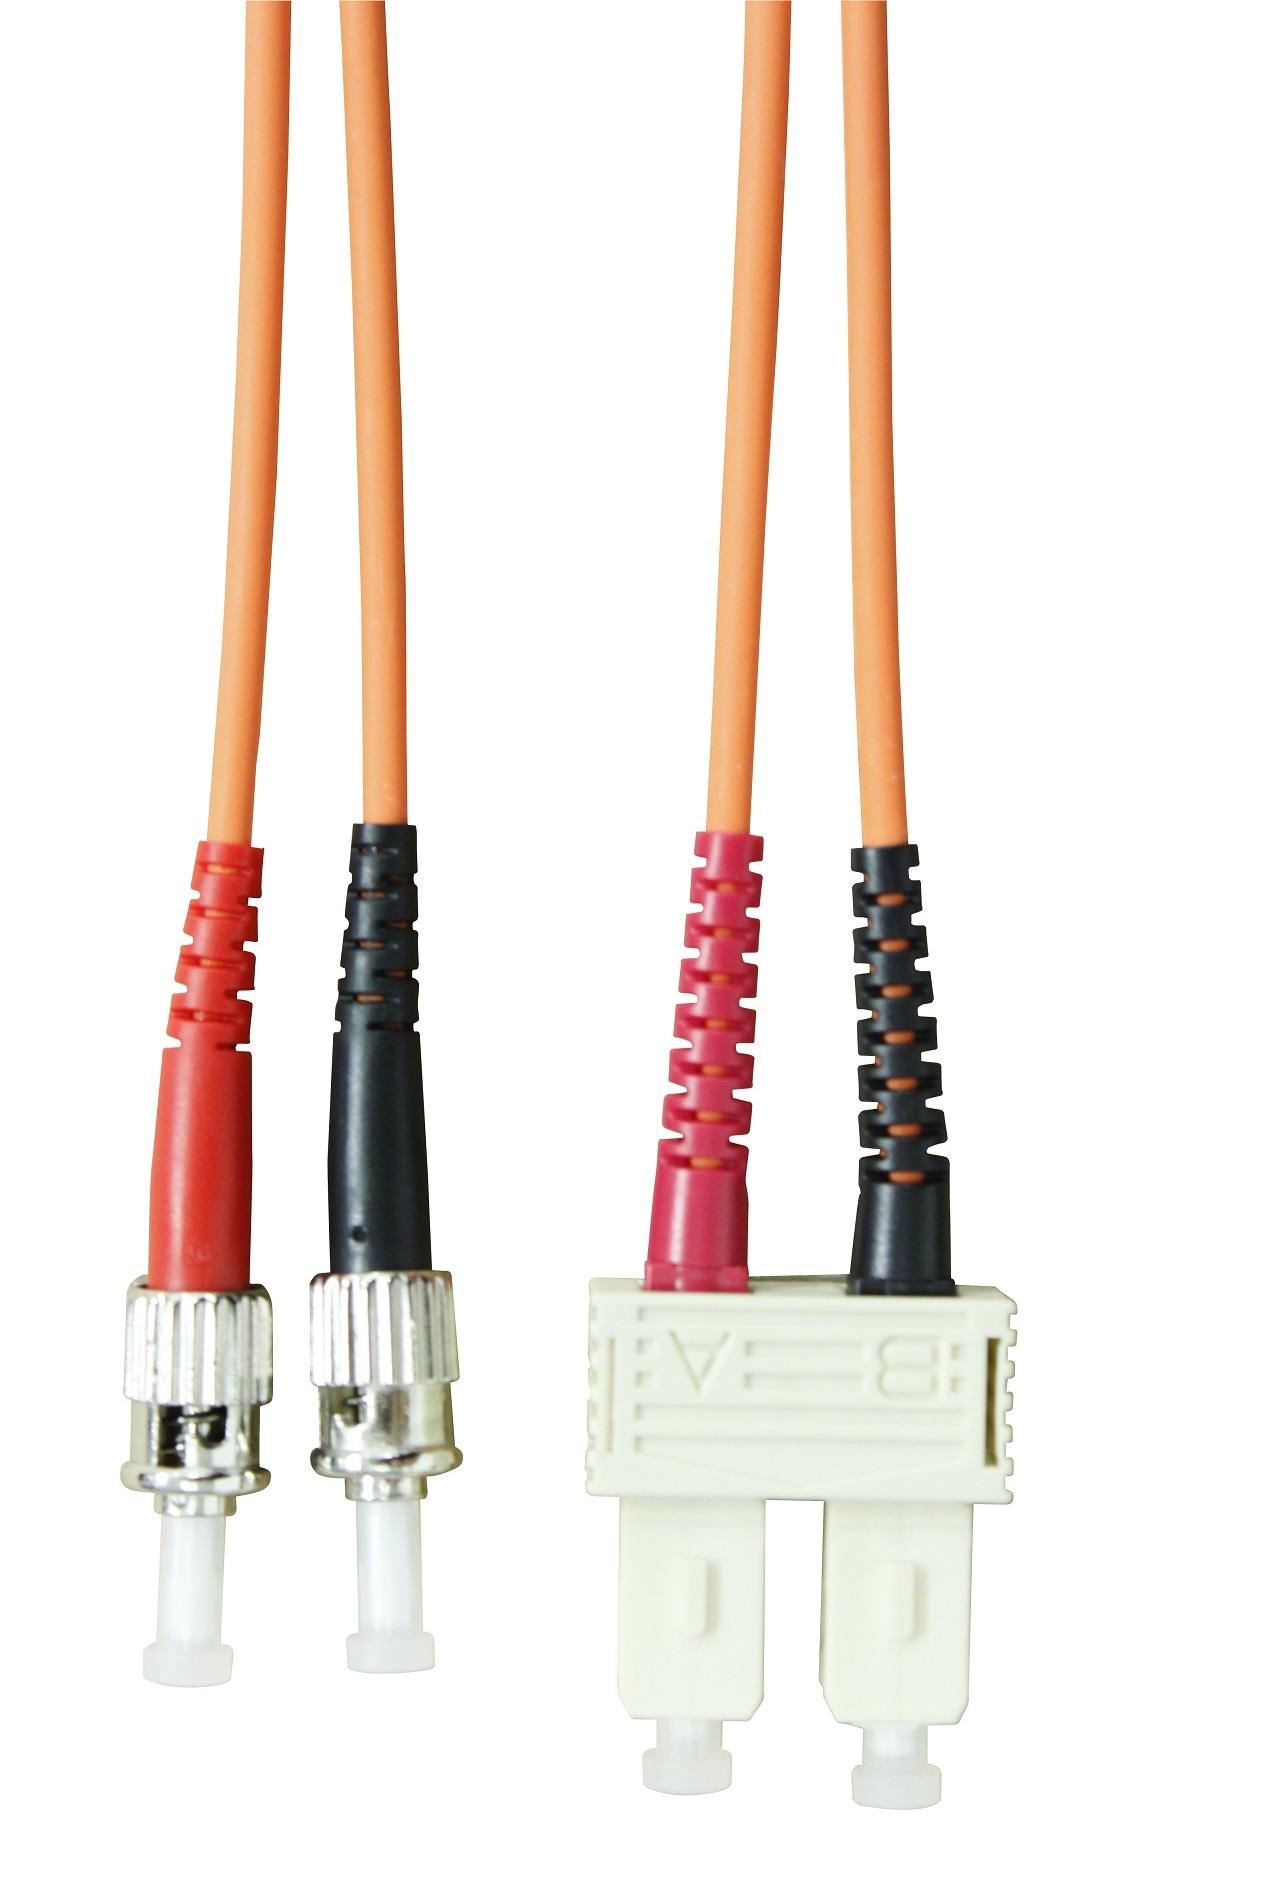 1 Stk LWL Patchkabel Duplex ST/SC,50/125µm OM2,LS0H-3,orange, 3.0m HLP25TC03F